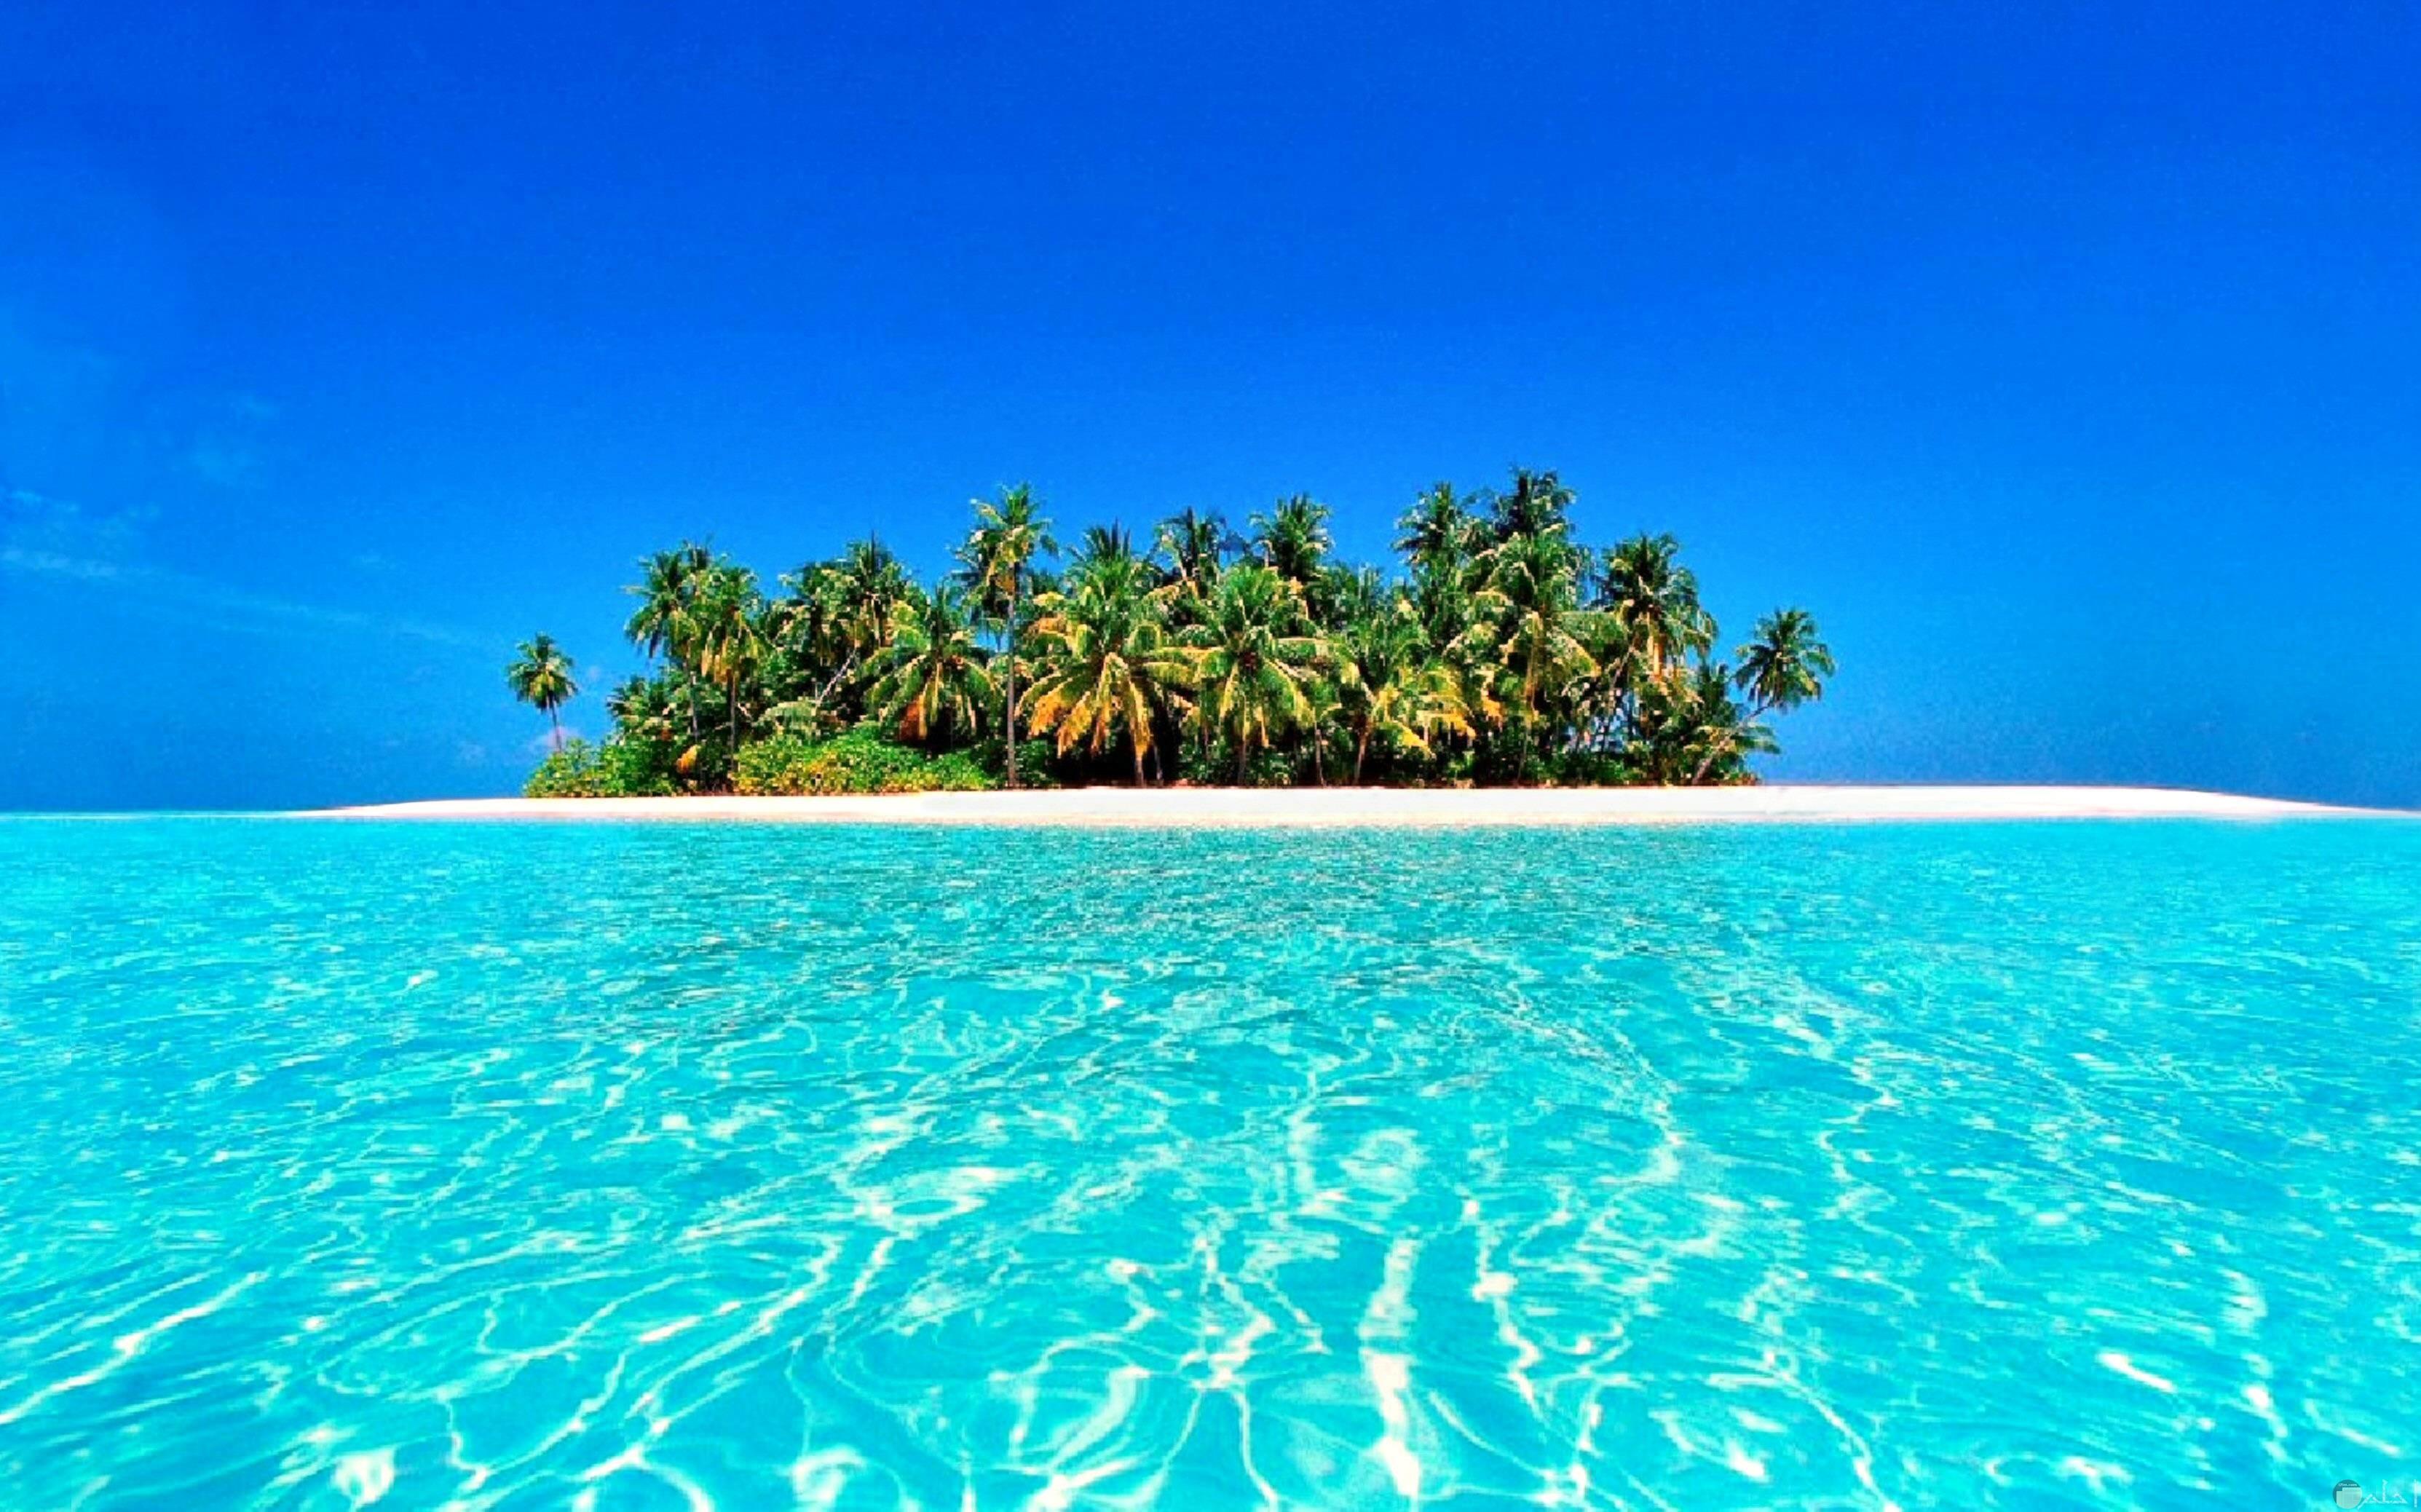 خلفية جميل لجزيرة في البحر مميزة كخلفية للكمبيوتر